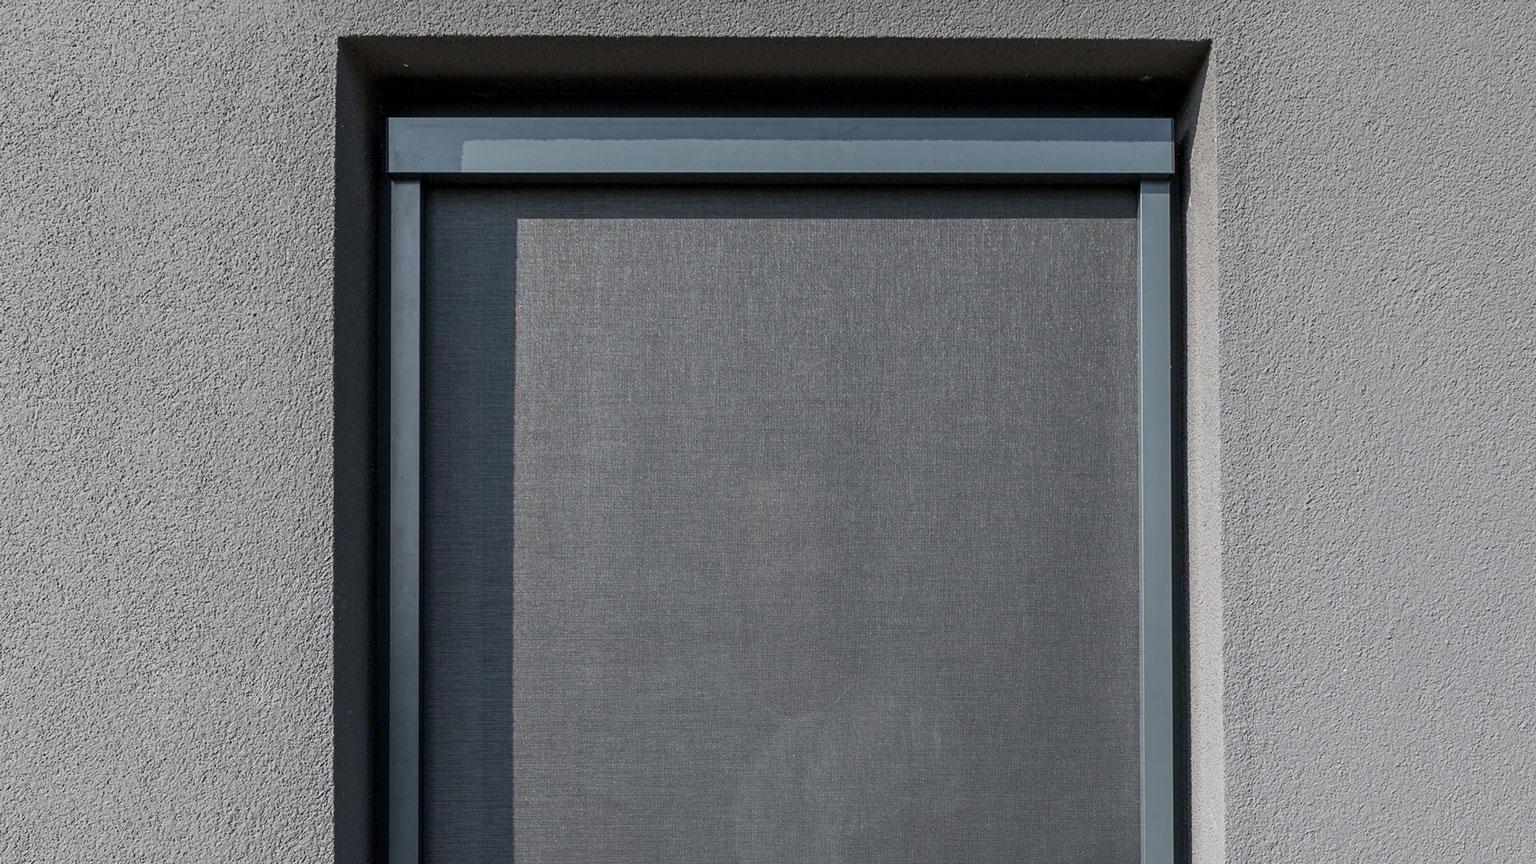 Full Size of Sonnenschutz Fenster Innen Saugnapf Das Auenrollo Einzige Zum Klemmen Rollos Velux Kaufen Für Konfigurieren Preise Landhaus Kbe Mit Rolladenkasten Rollo Wohnzimmer Sonnenschutz Fenster Innen Saugnapf